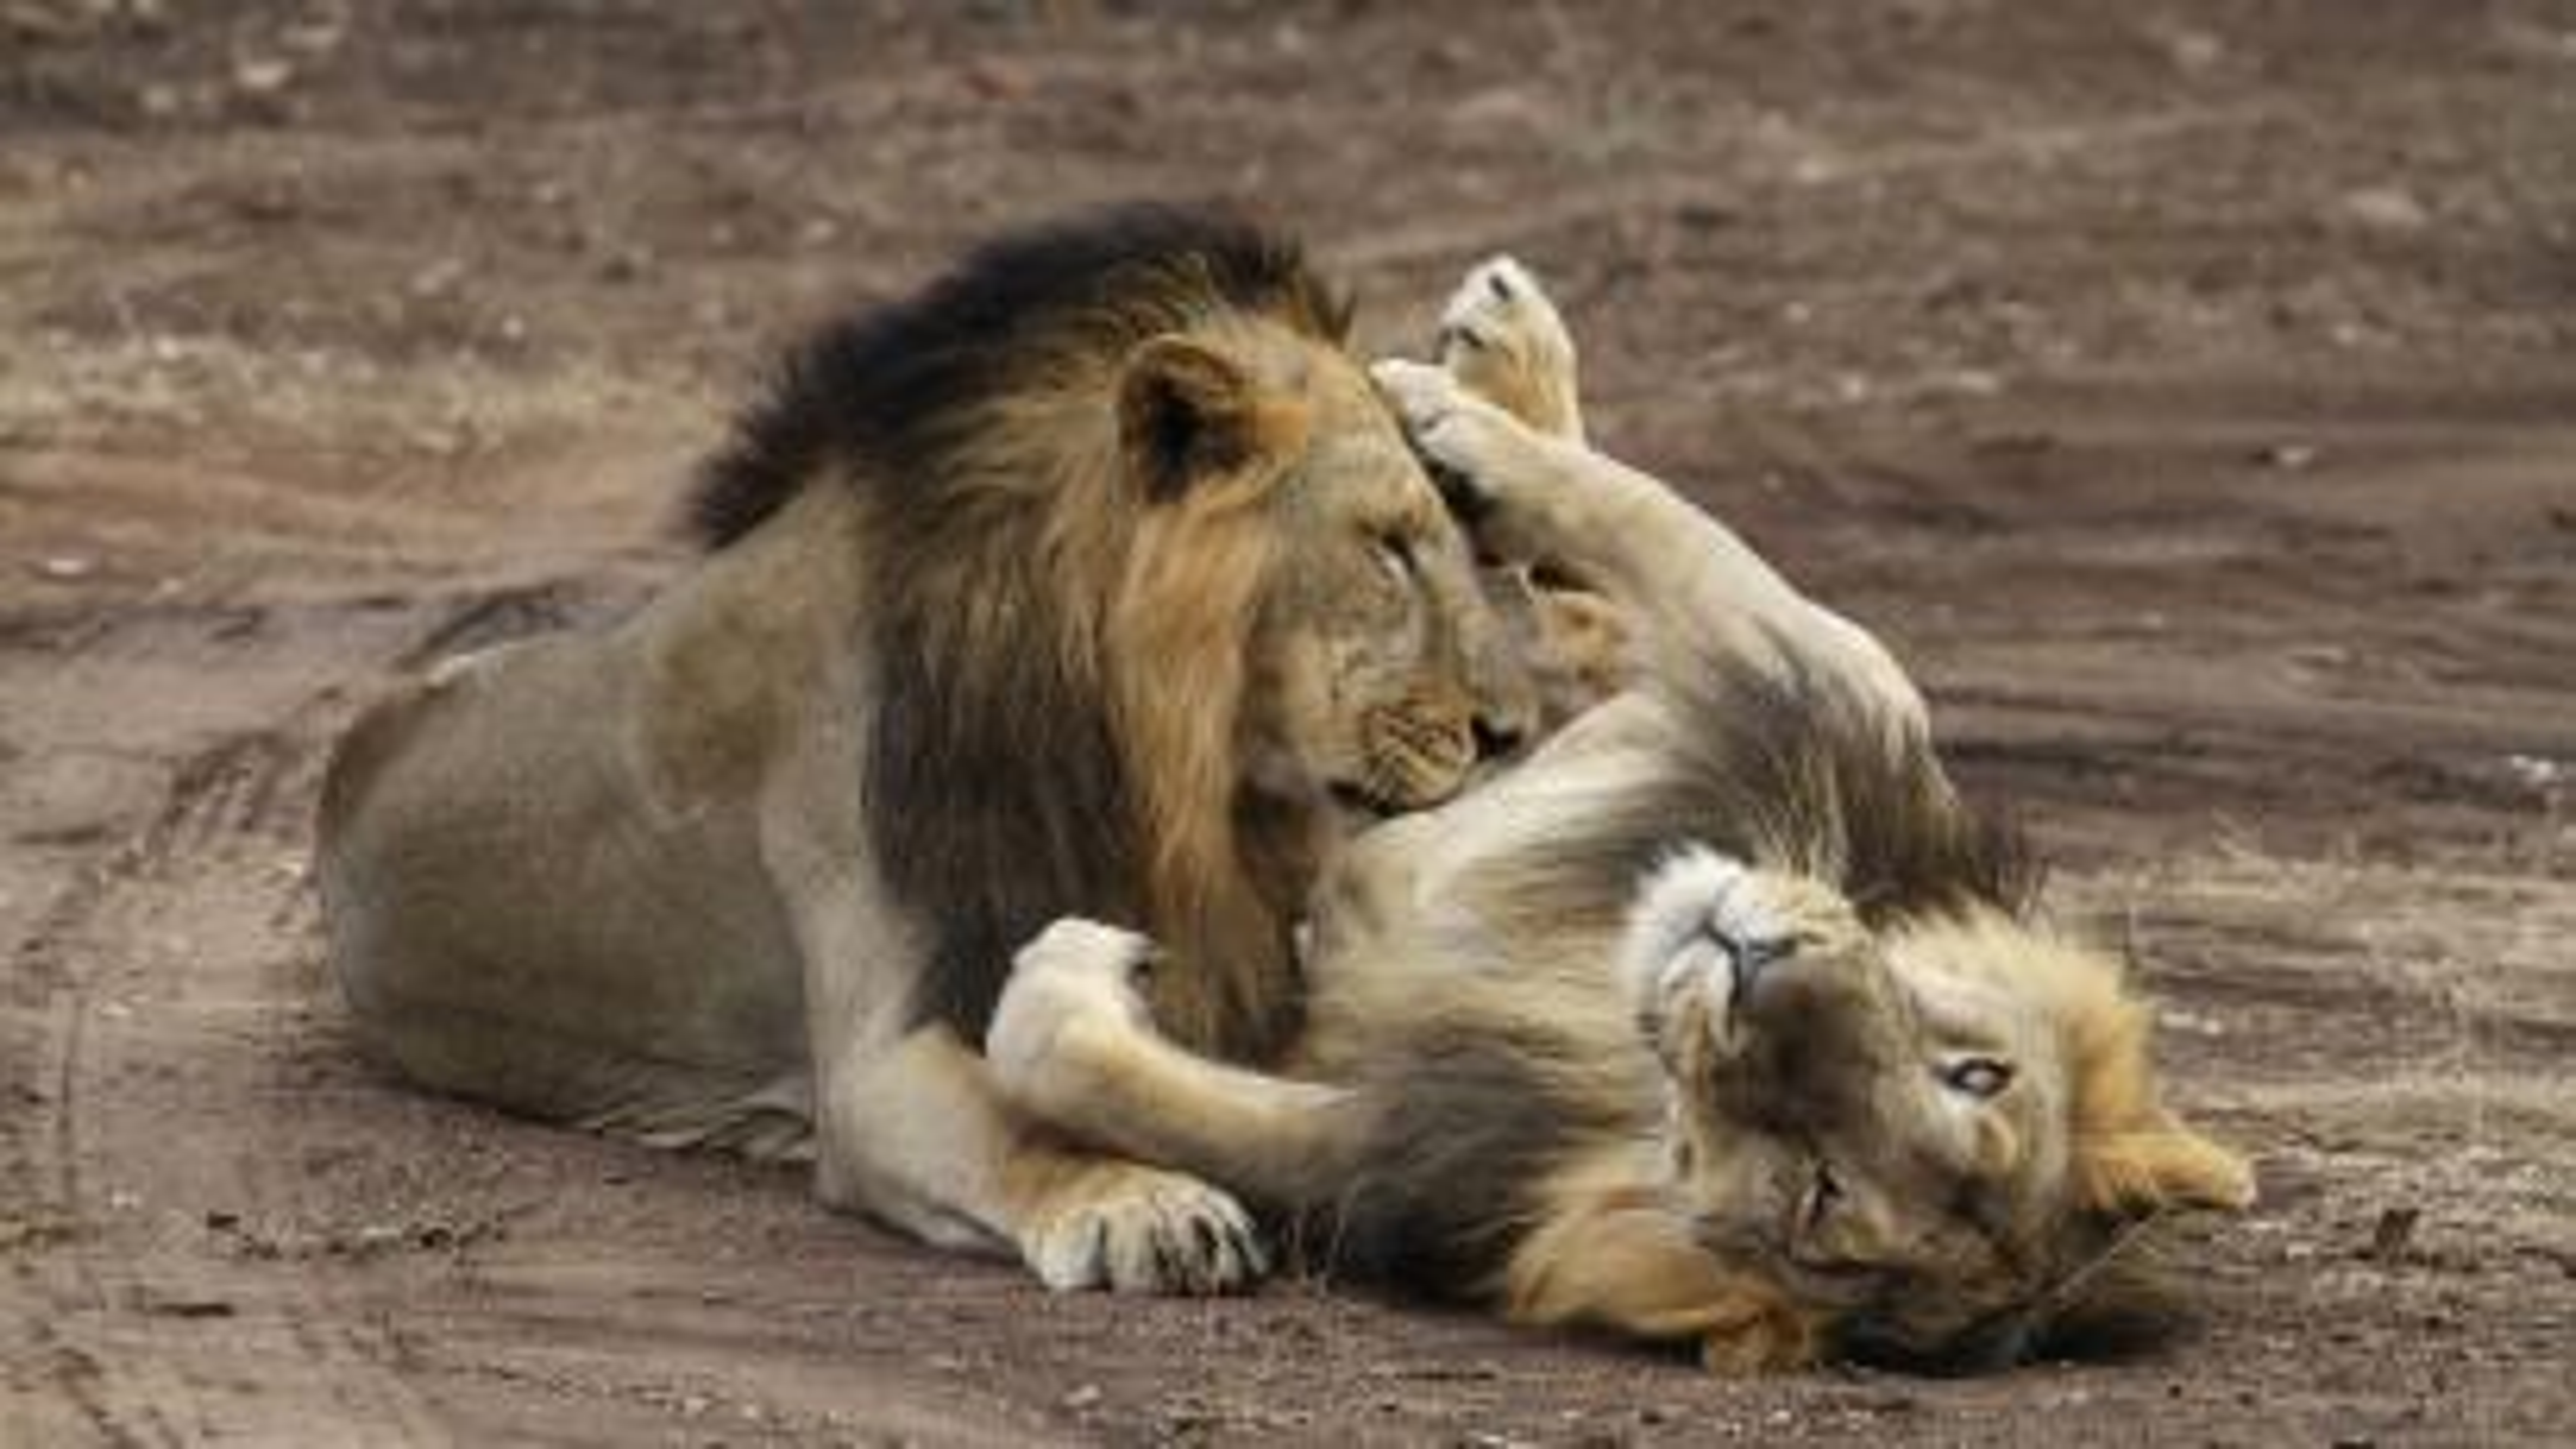 Kuno-Asiatic Lion-Gir